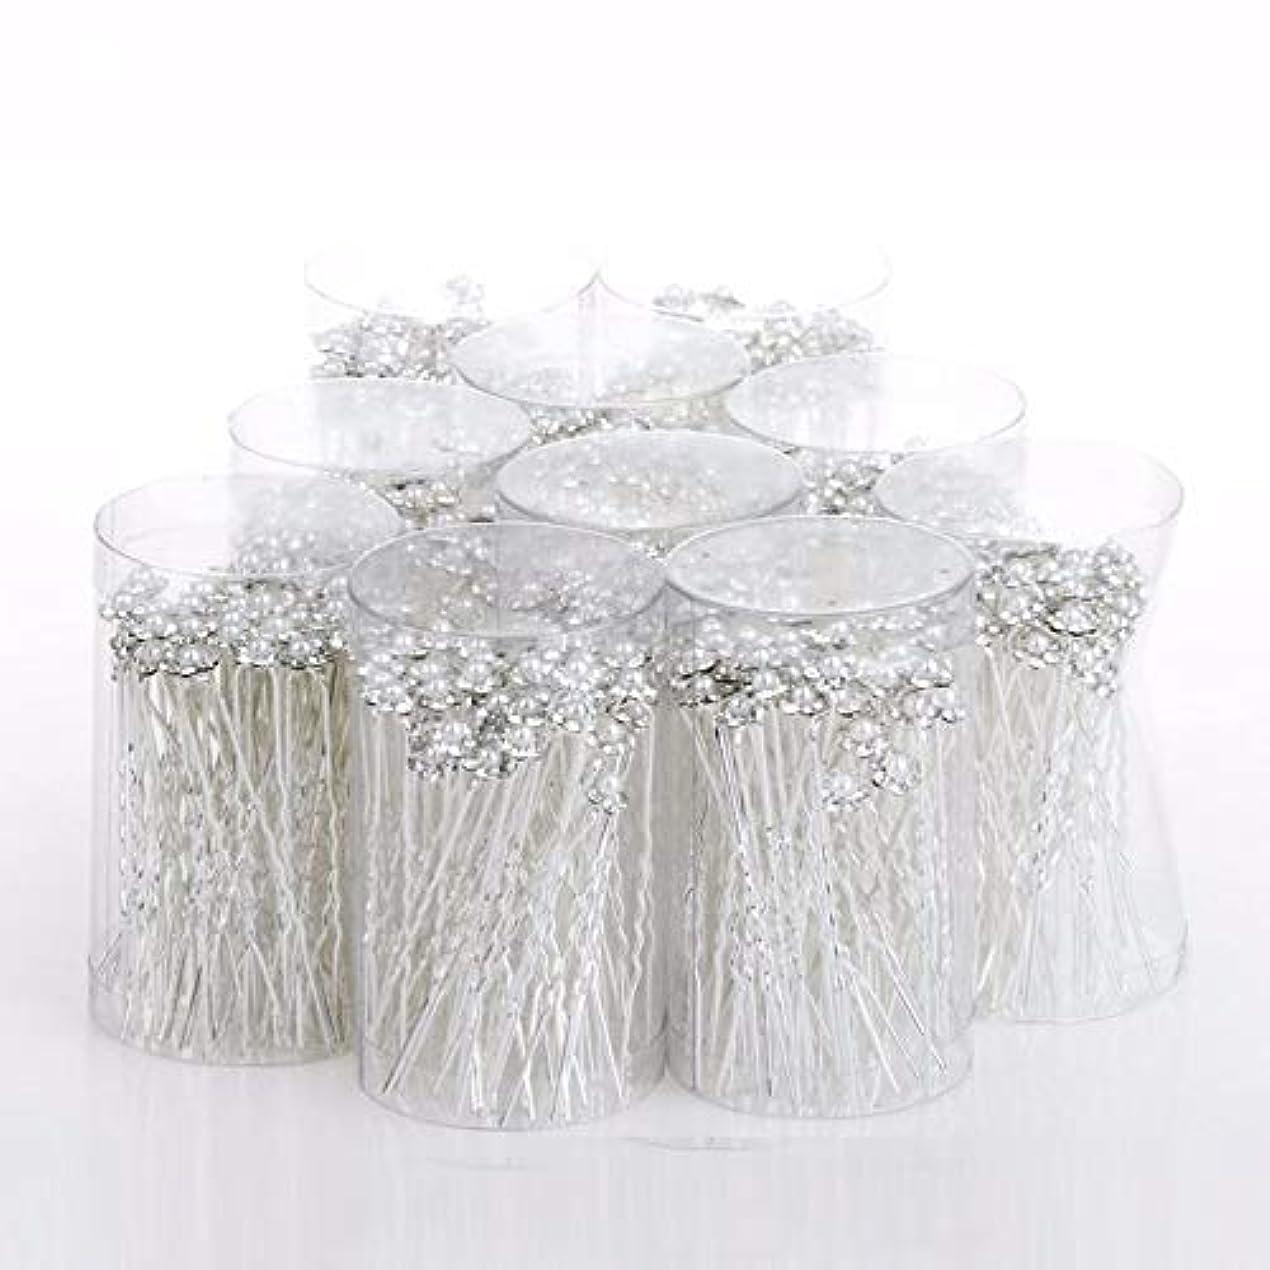 主権者超音速ポールHairpinheair YHM 40ピース女性結婚式のヘアピンジュエリーアクセサリー模擬パールフラワーブライダルヘアピンウエディングヘアクリップアンティークシルバーメッキ(ホワイト) (色 : 白)